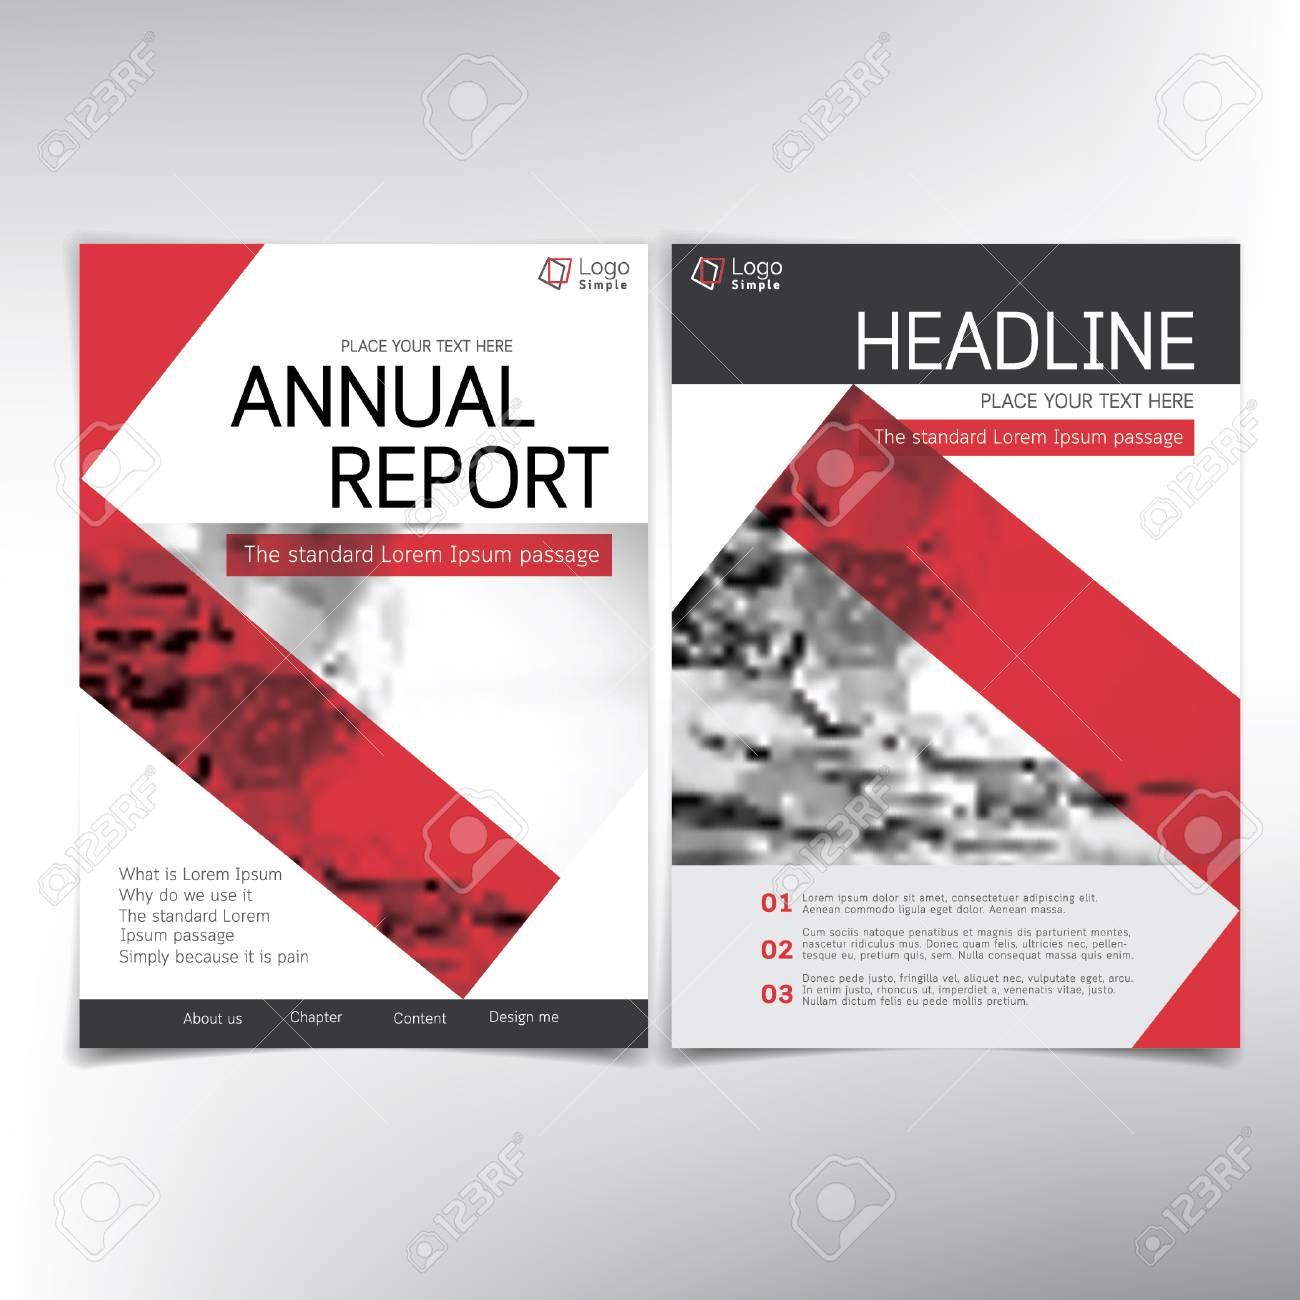 Moderne Business Deckblatt Vektor Vorlage Für Jahresbericht